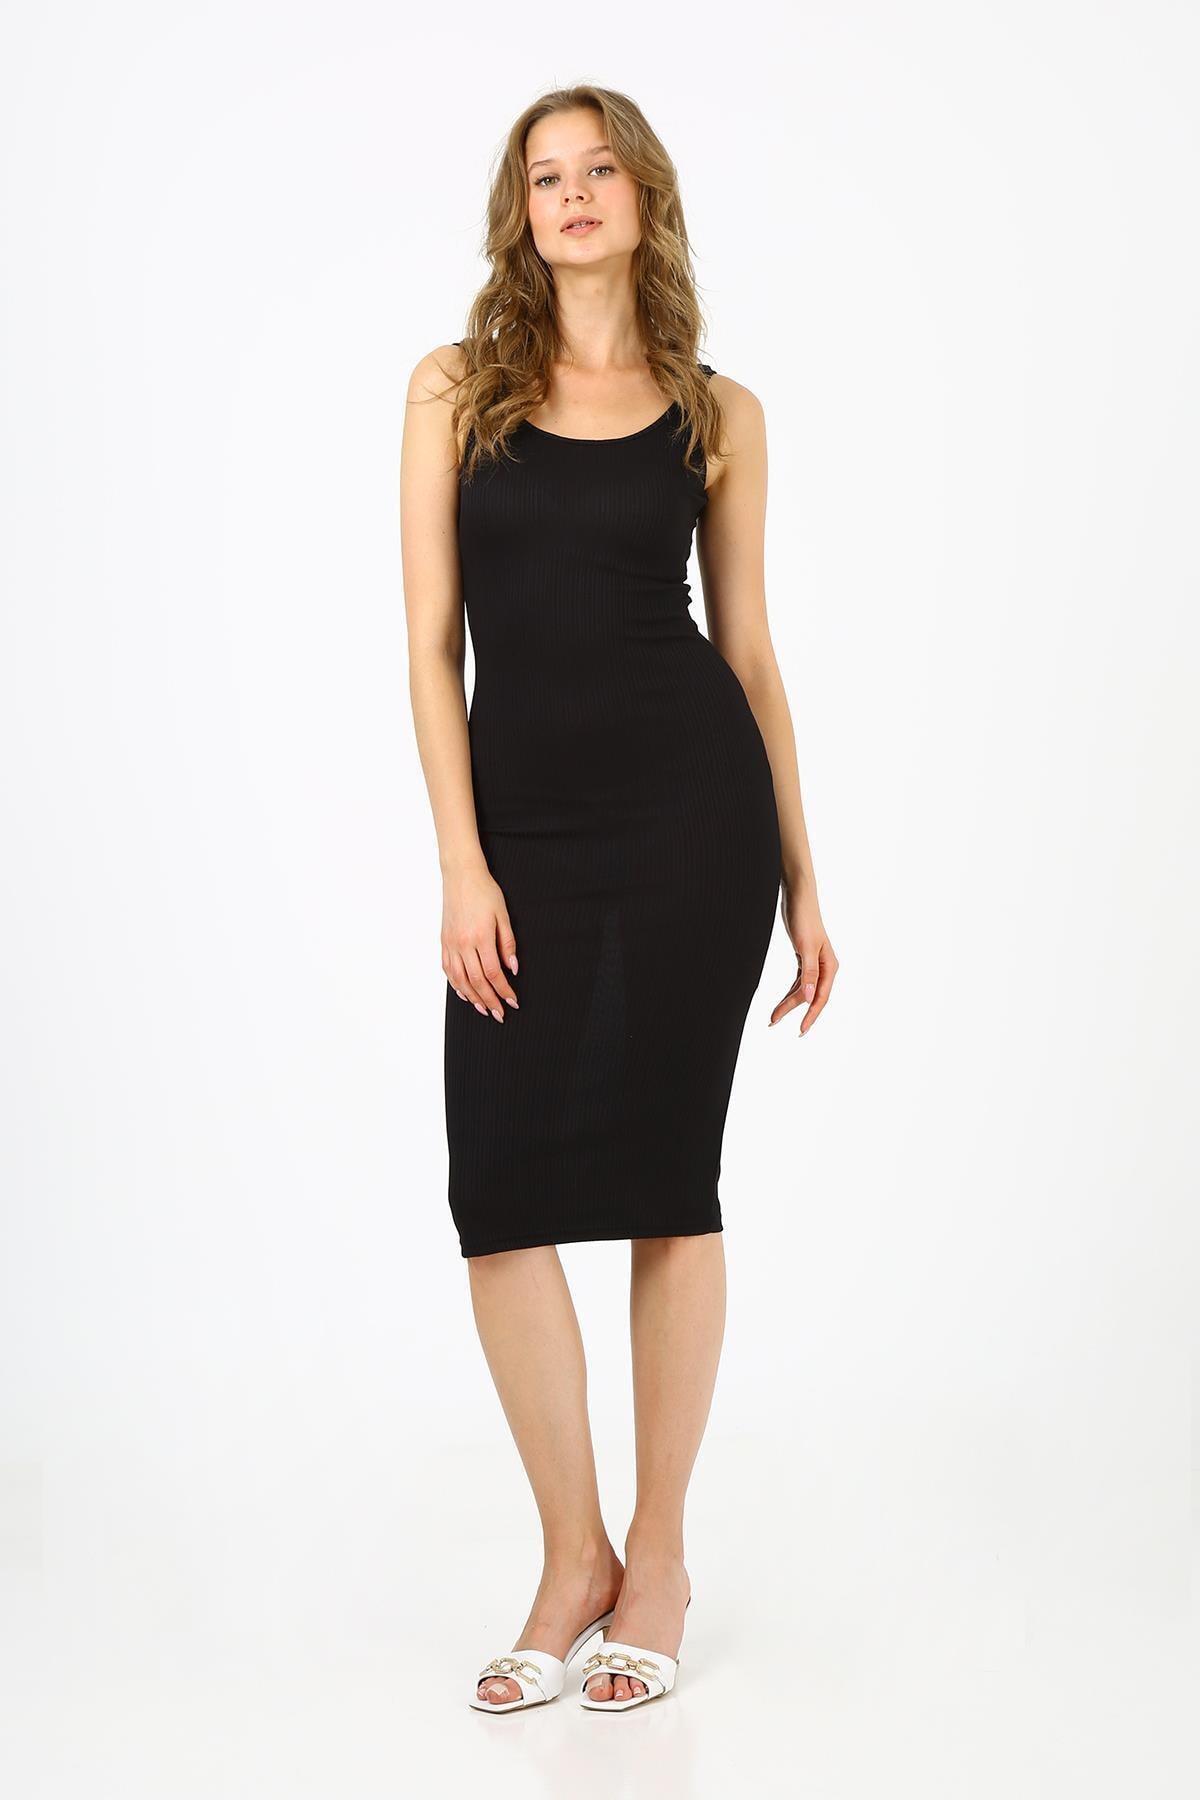 Kadın Siyah Fitilli Uzun Elbise (b21-4140)